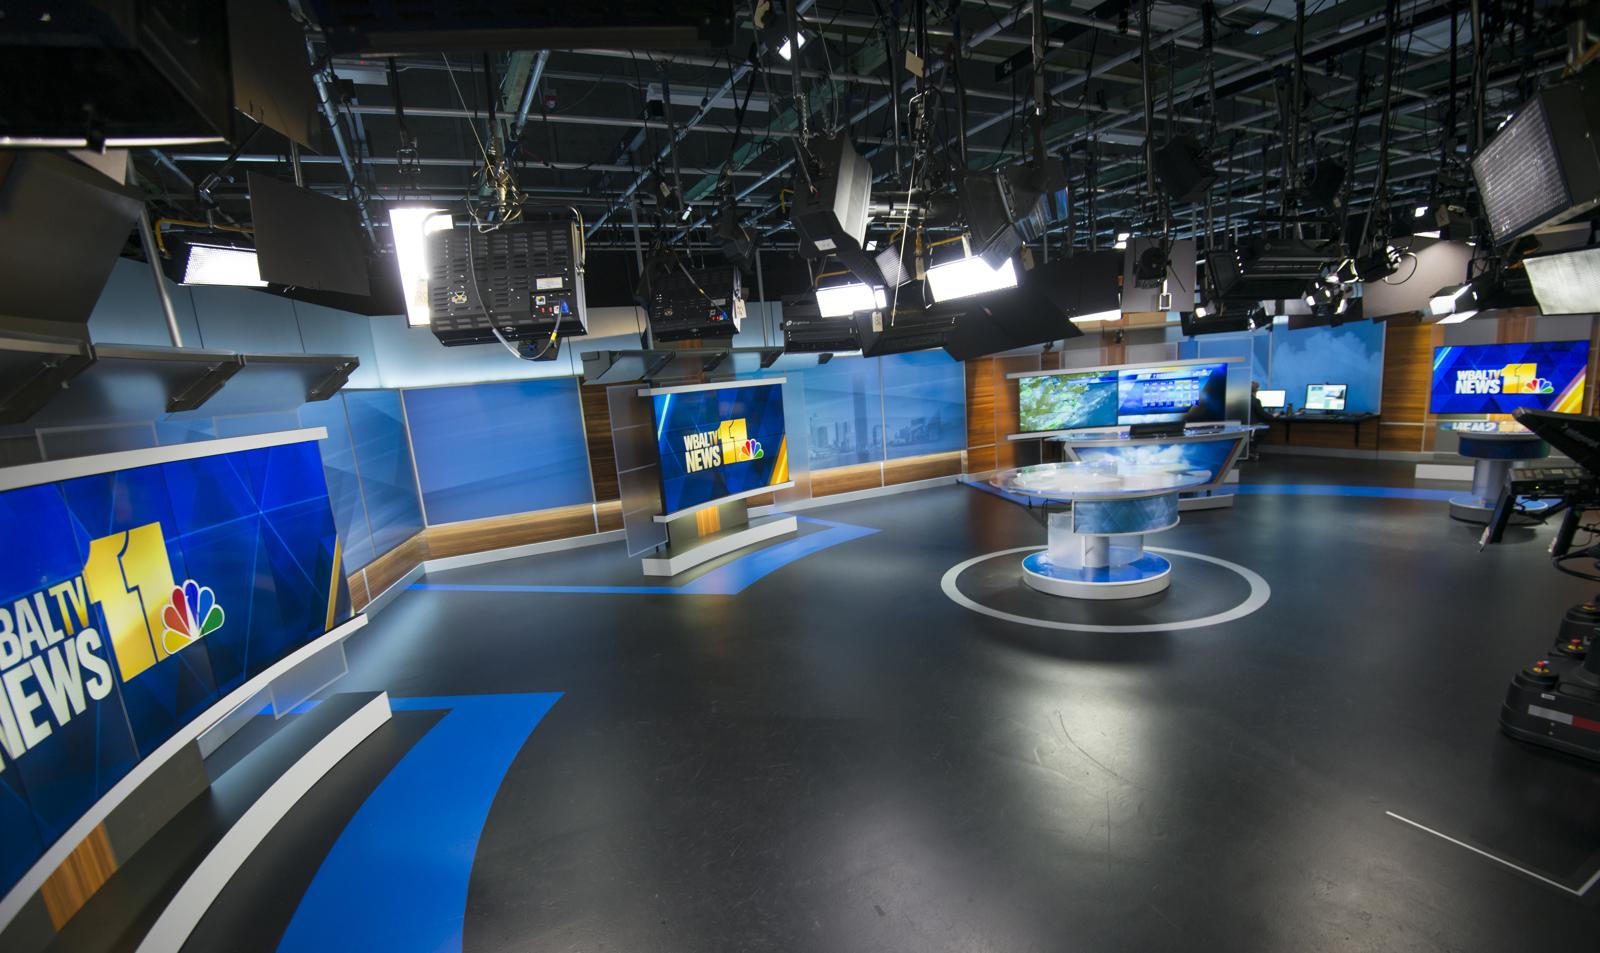 ncs_wbal-news-11-tv-studio_0009